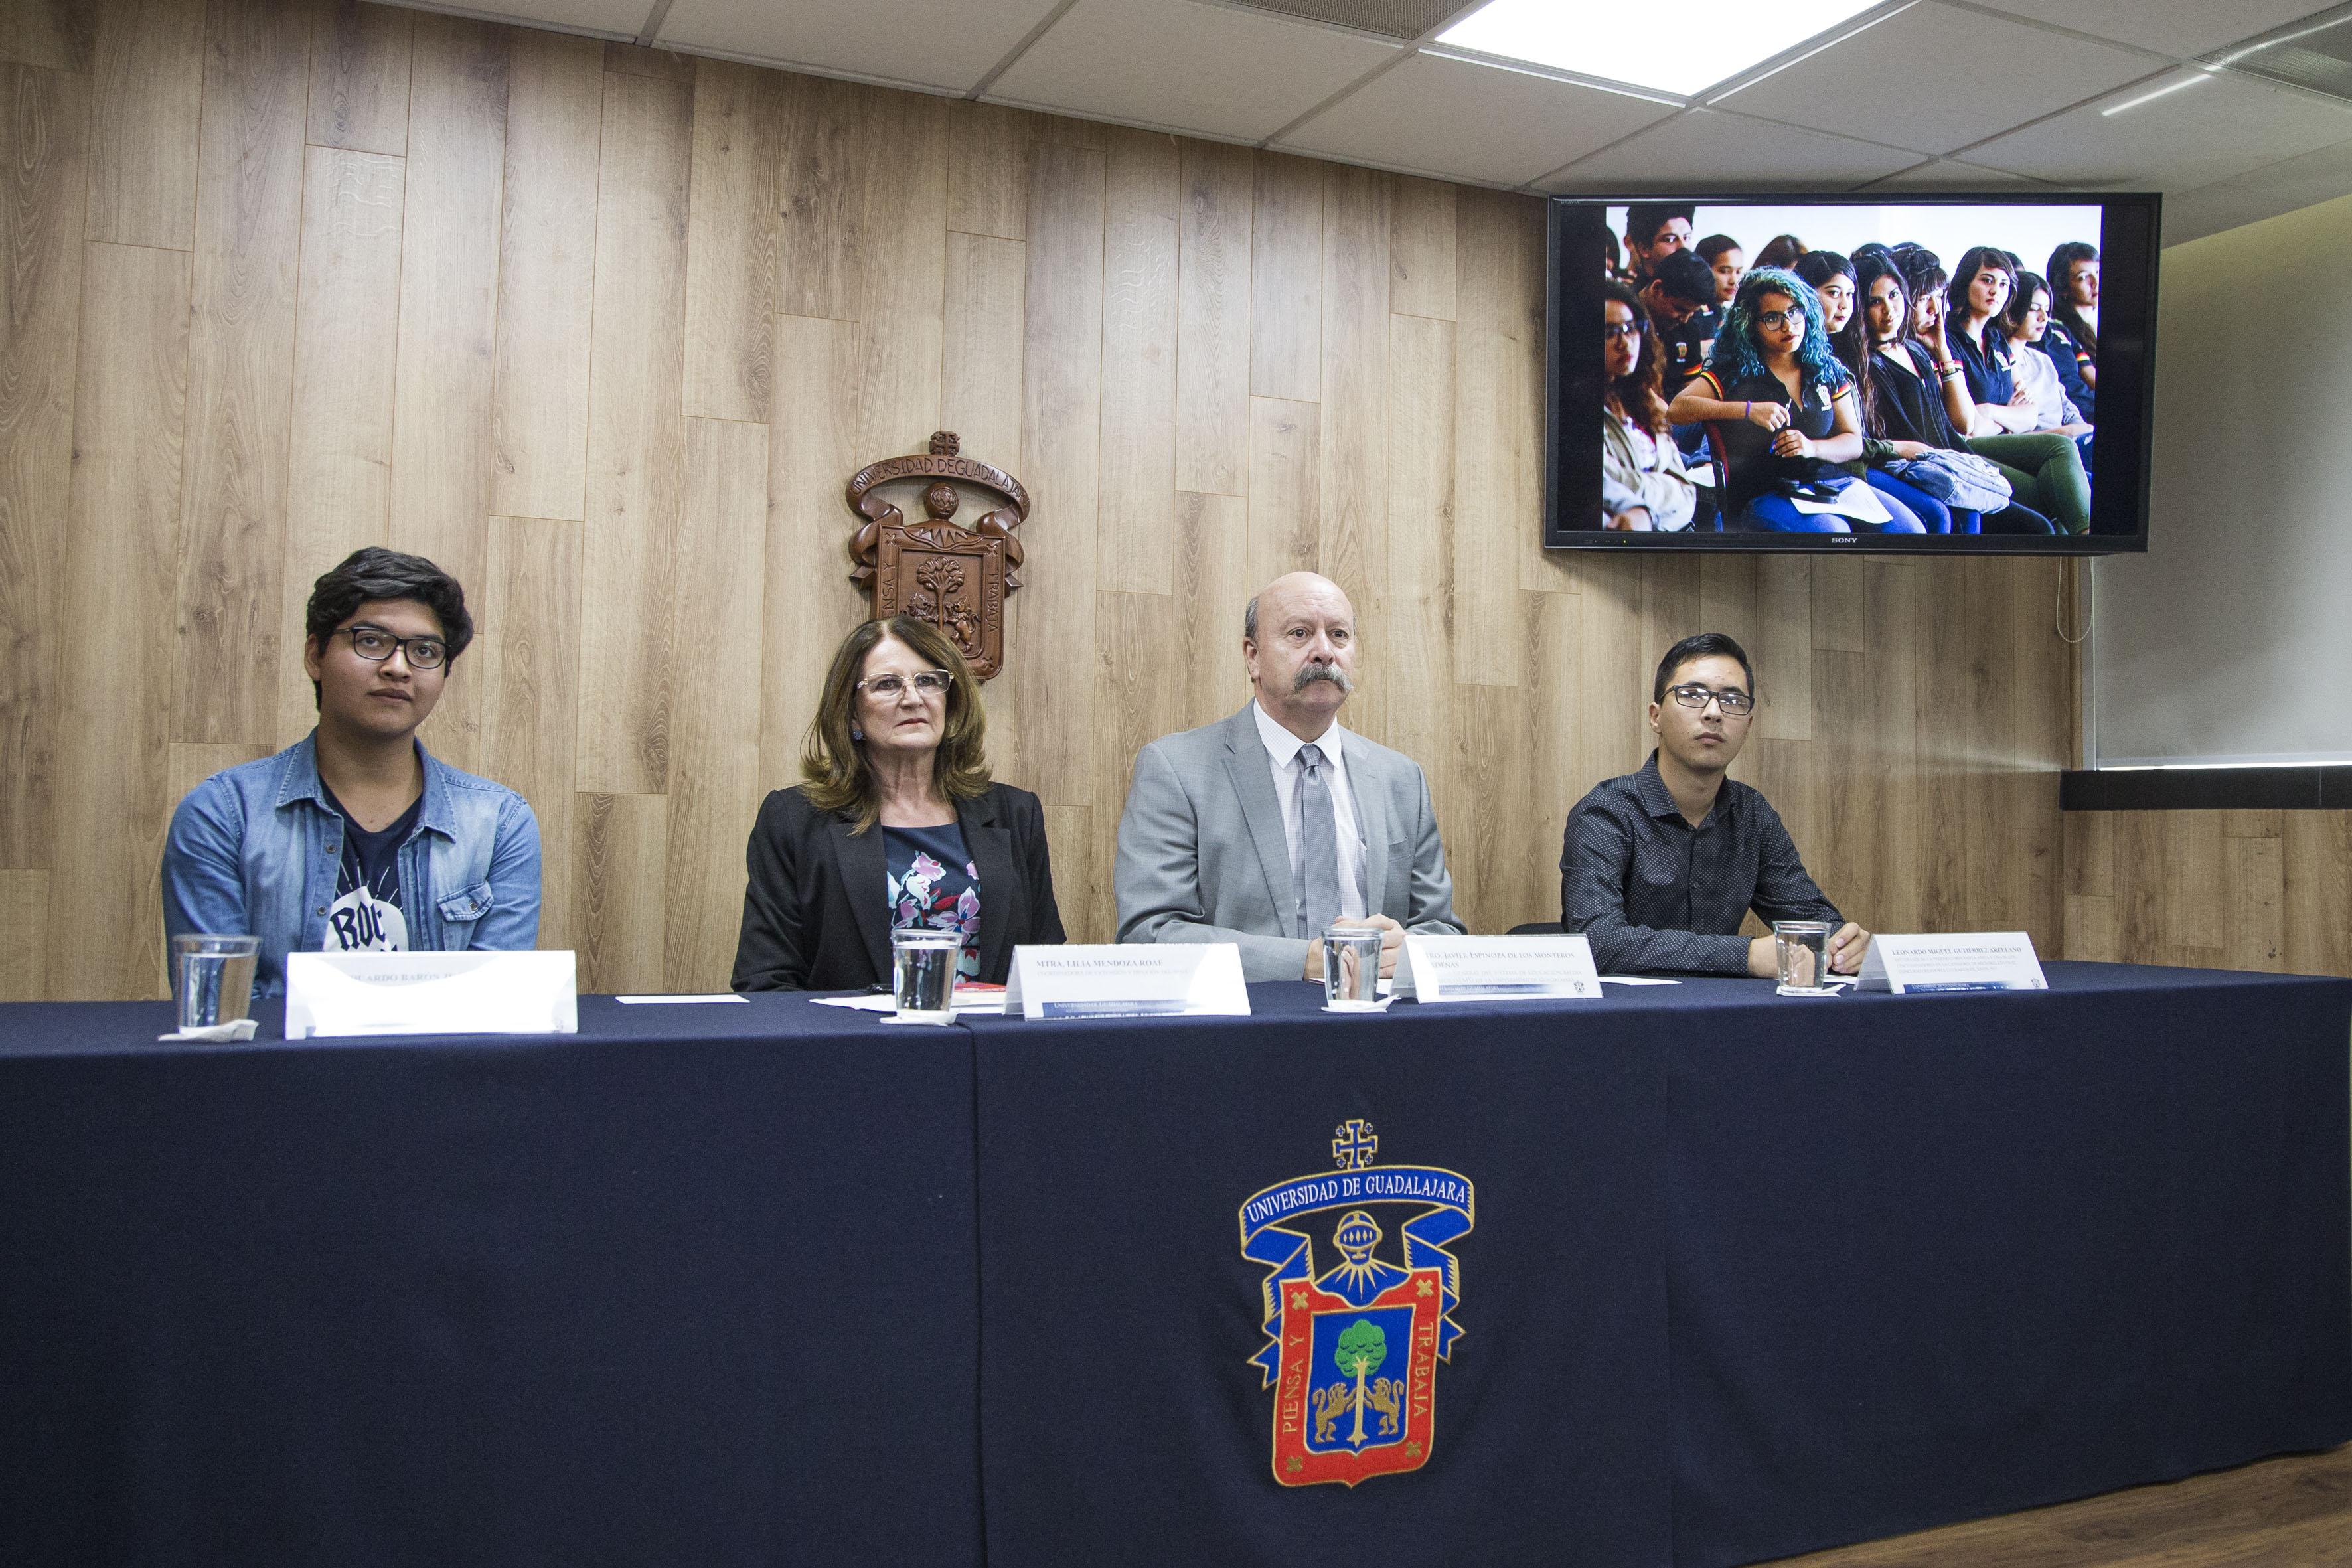 Rueda de prensa para dar a conocer que creció participación de estudiantes en FIL Joven 2017